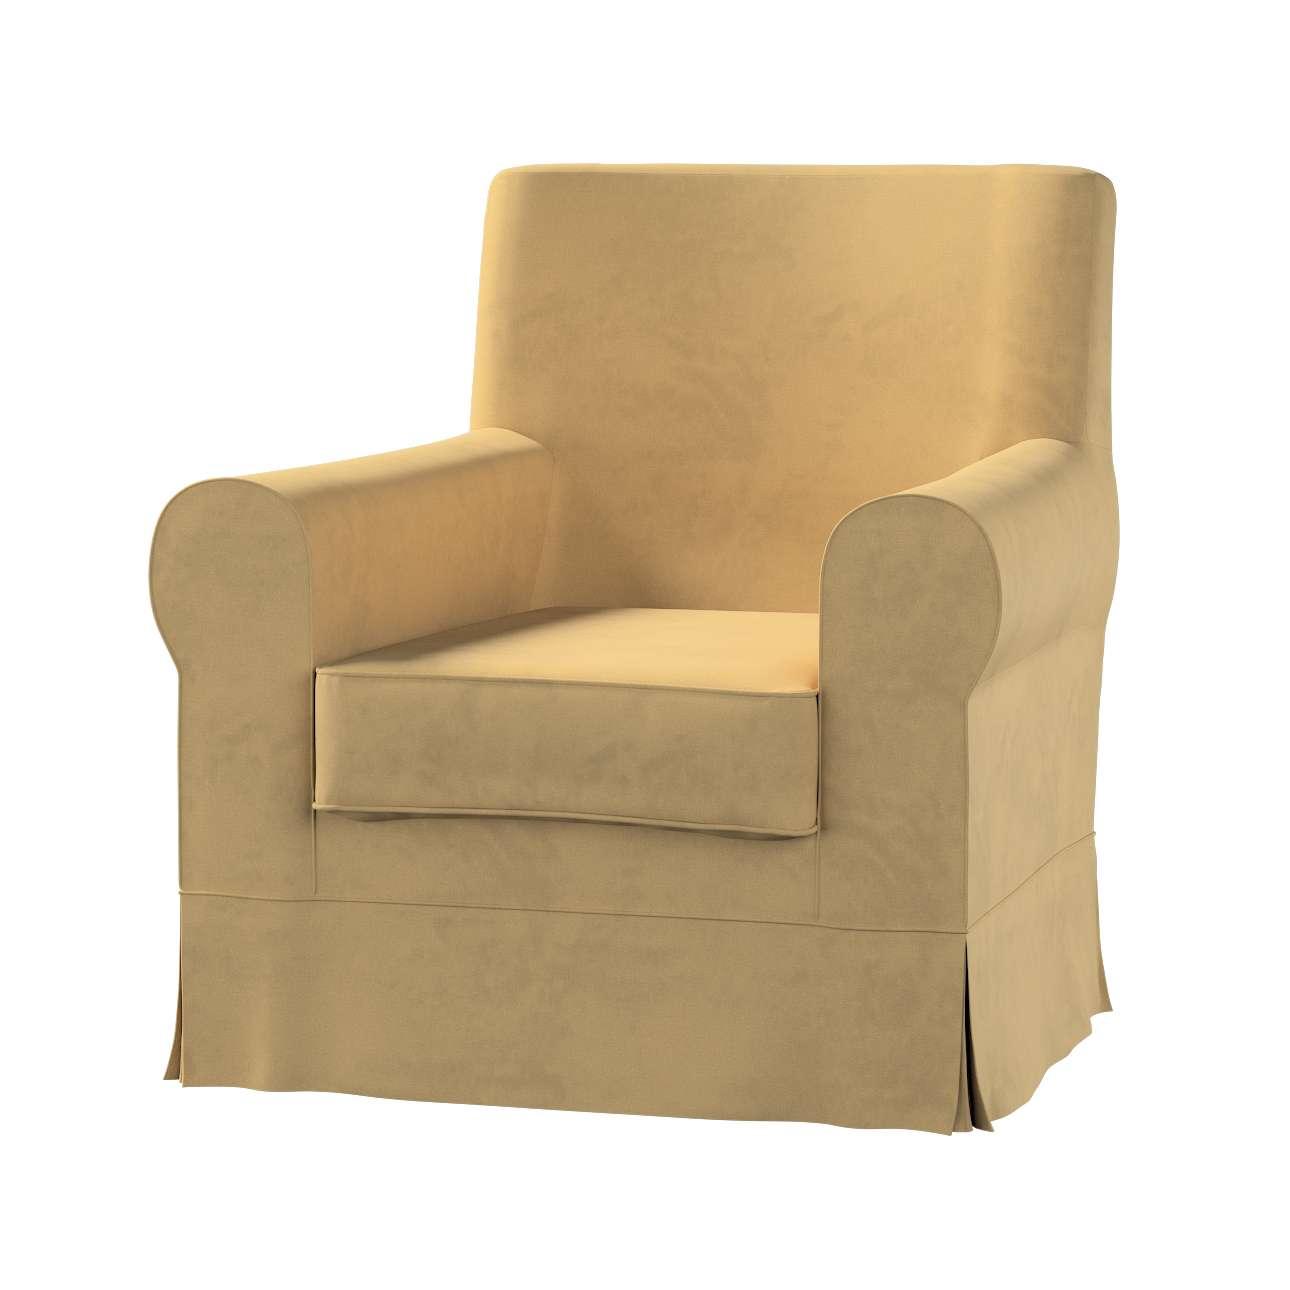 Pokrowiec na fotel Ektorp Jennylund w kolekcji Living II, tkanina: 160-93